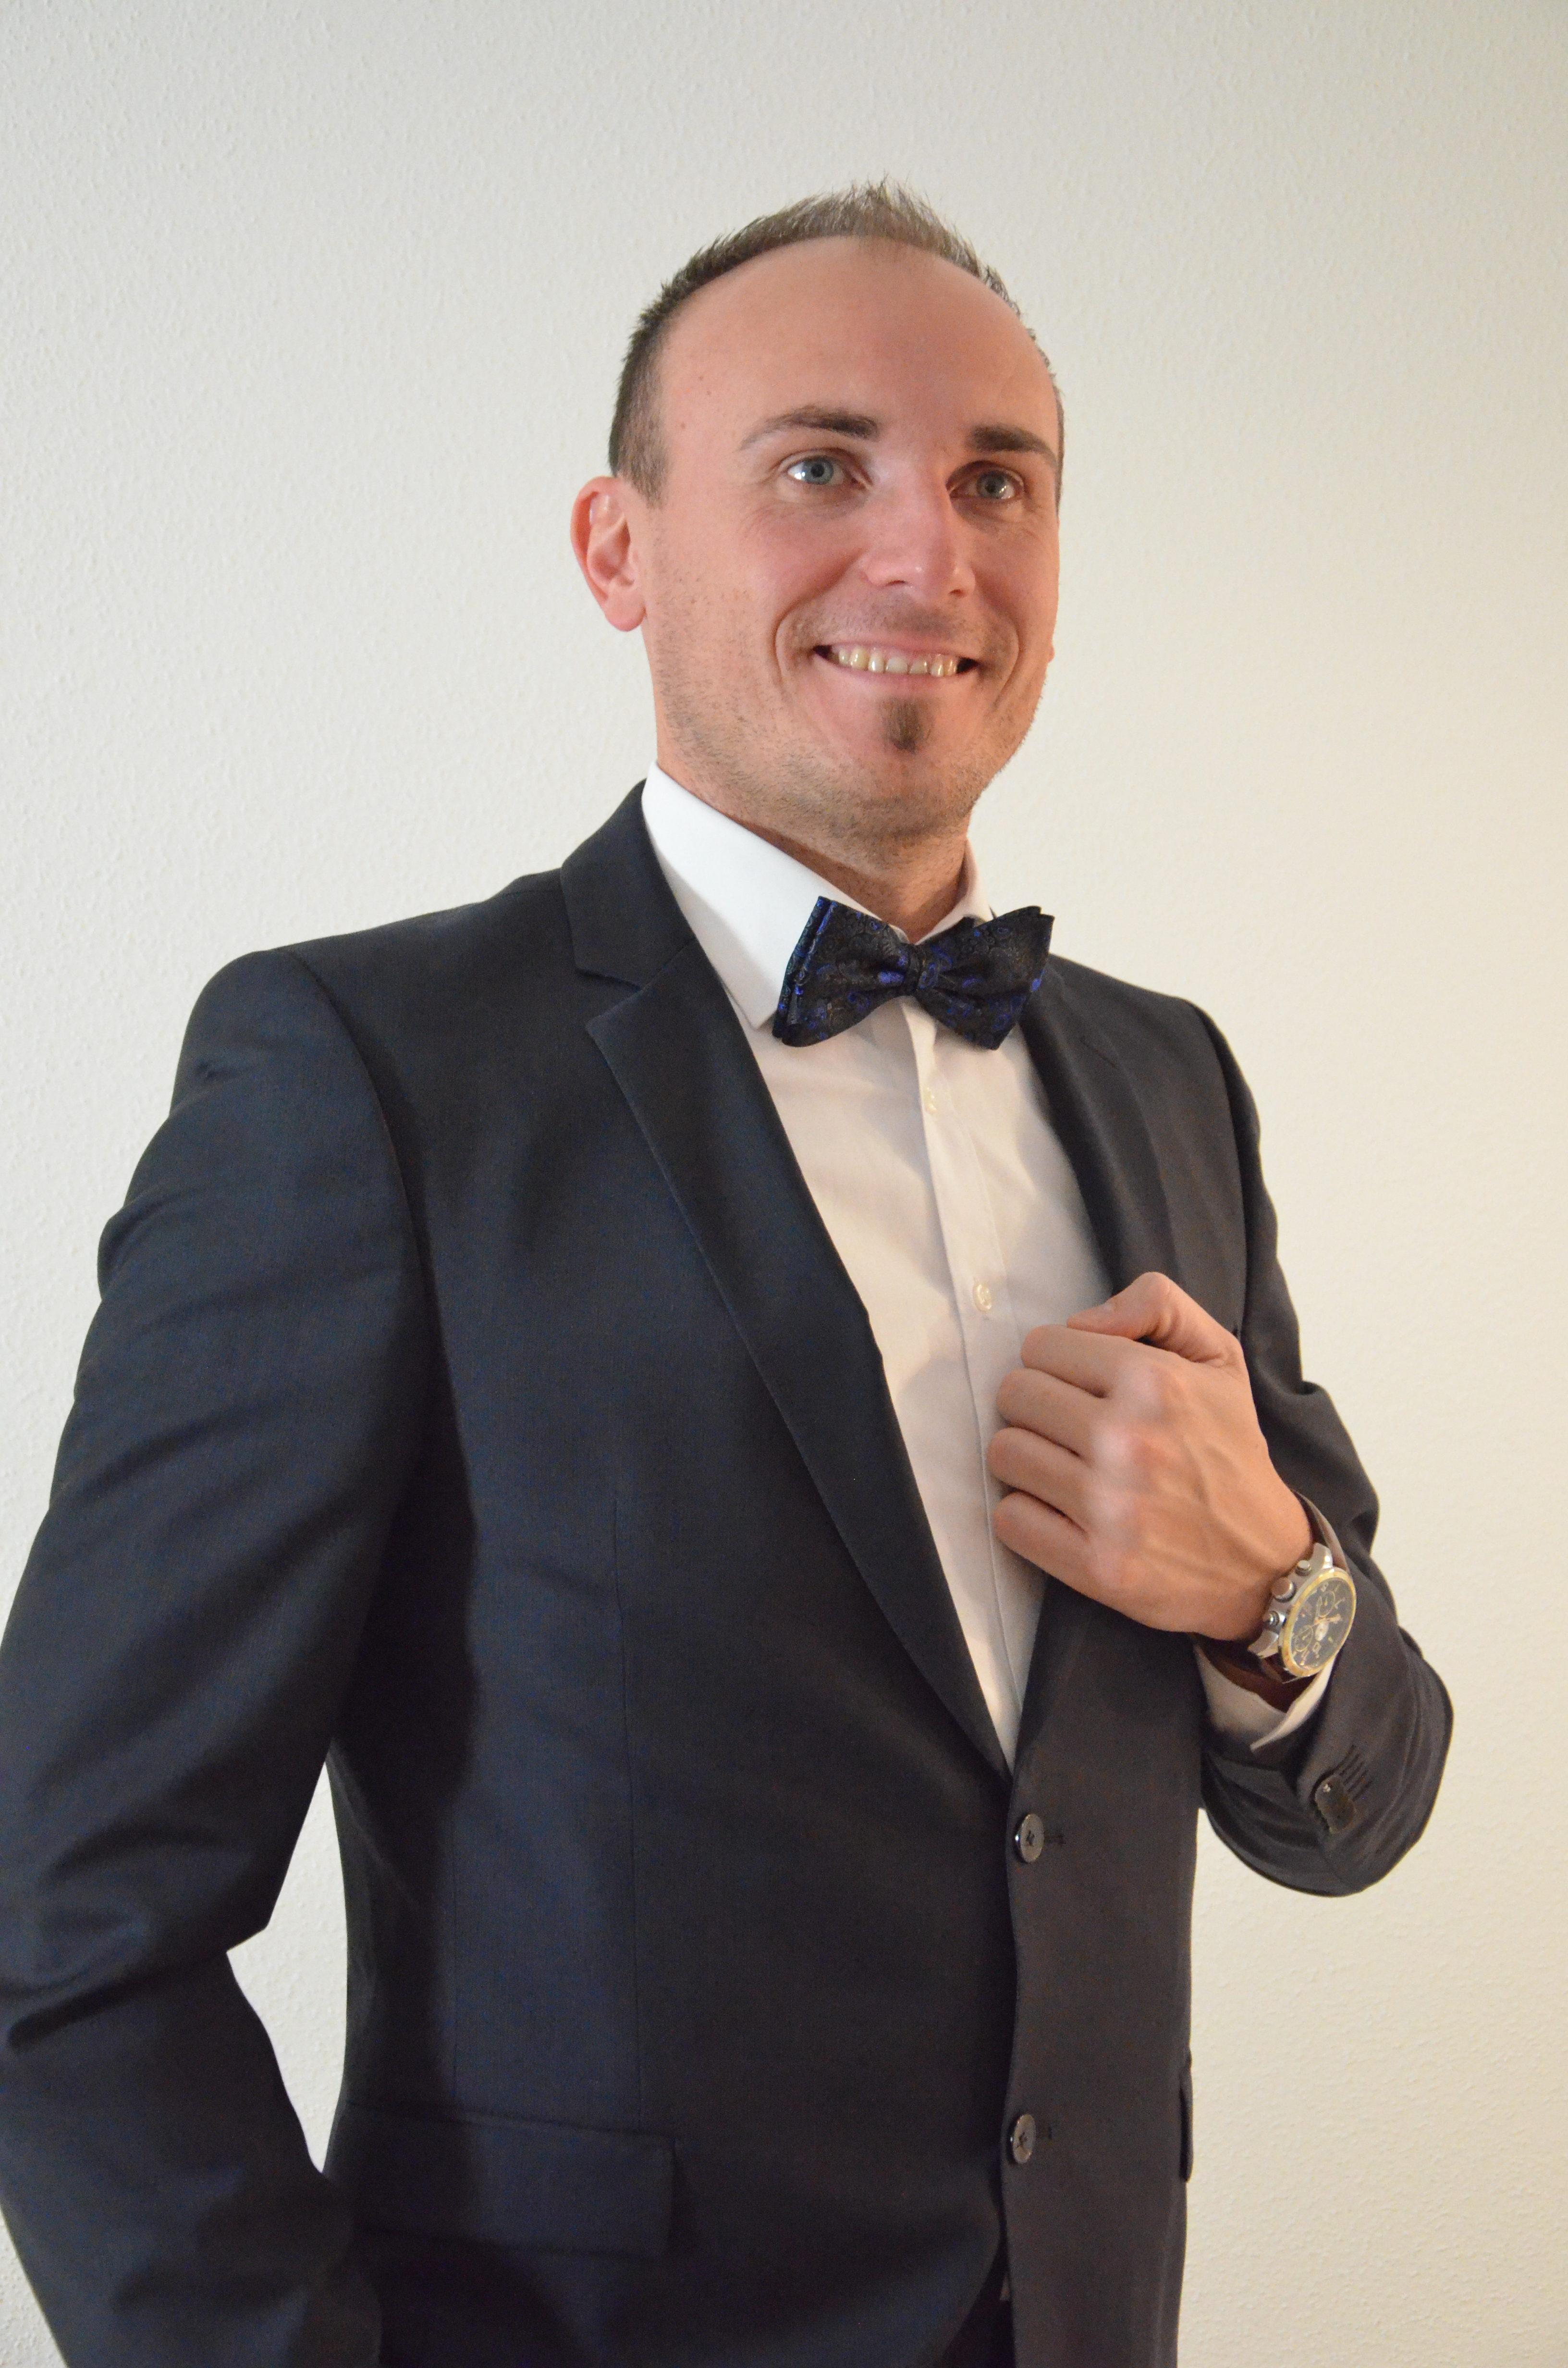 Foto: Matthias Zetzl, Gründer & Inhaber der FinanzKanzlei Bayern